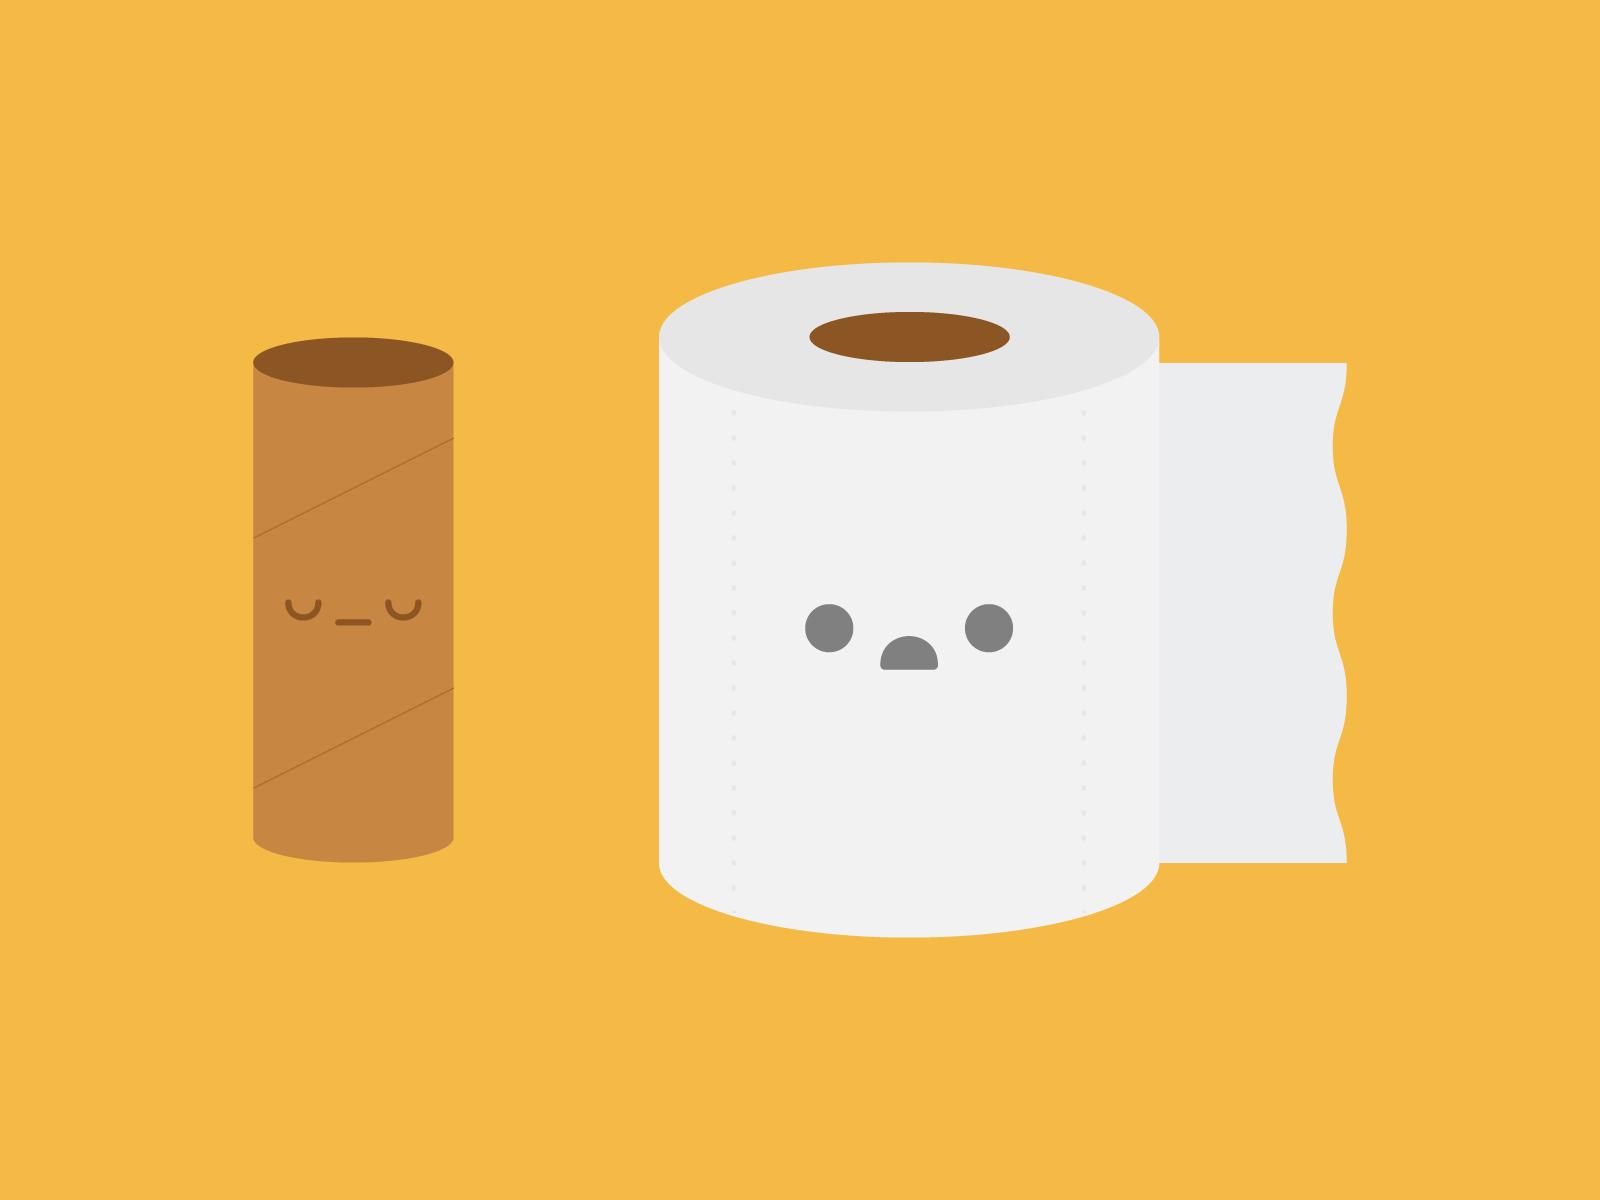 Cute Kawaii Toilet Paper Woes